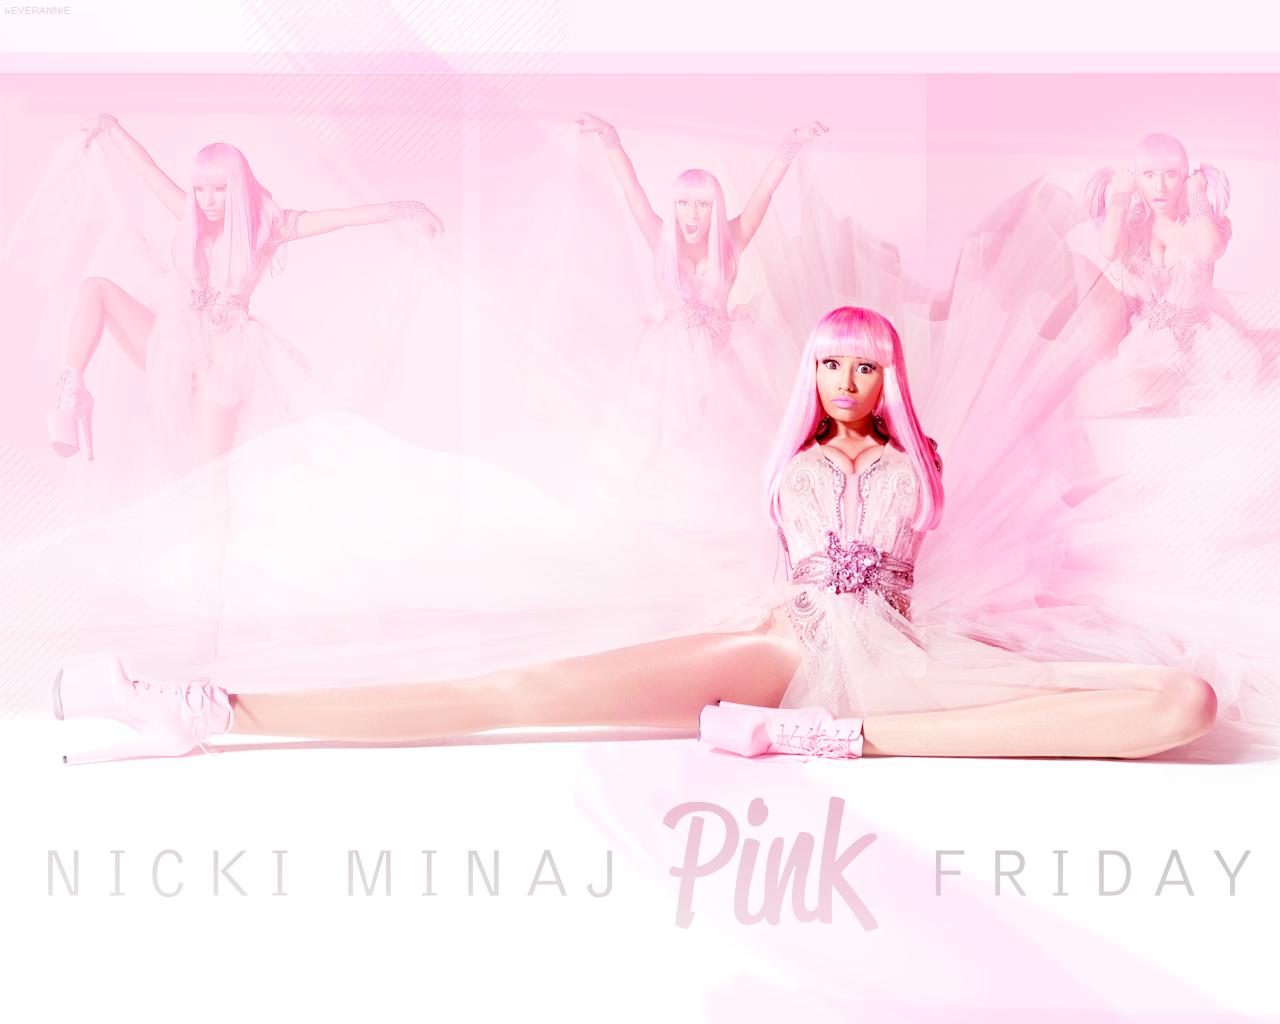 Nicki Minaj Wallpapers